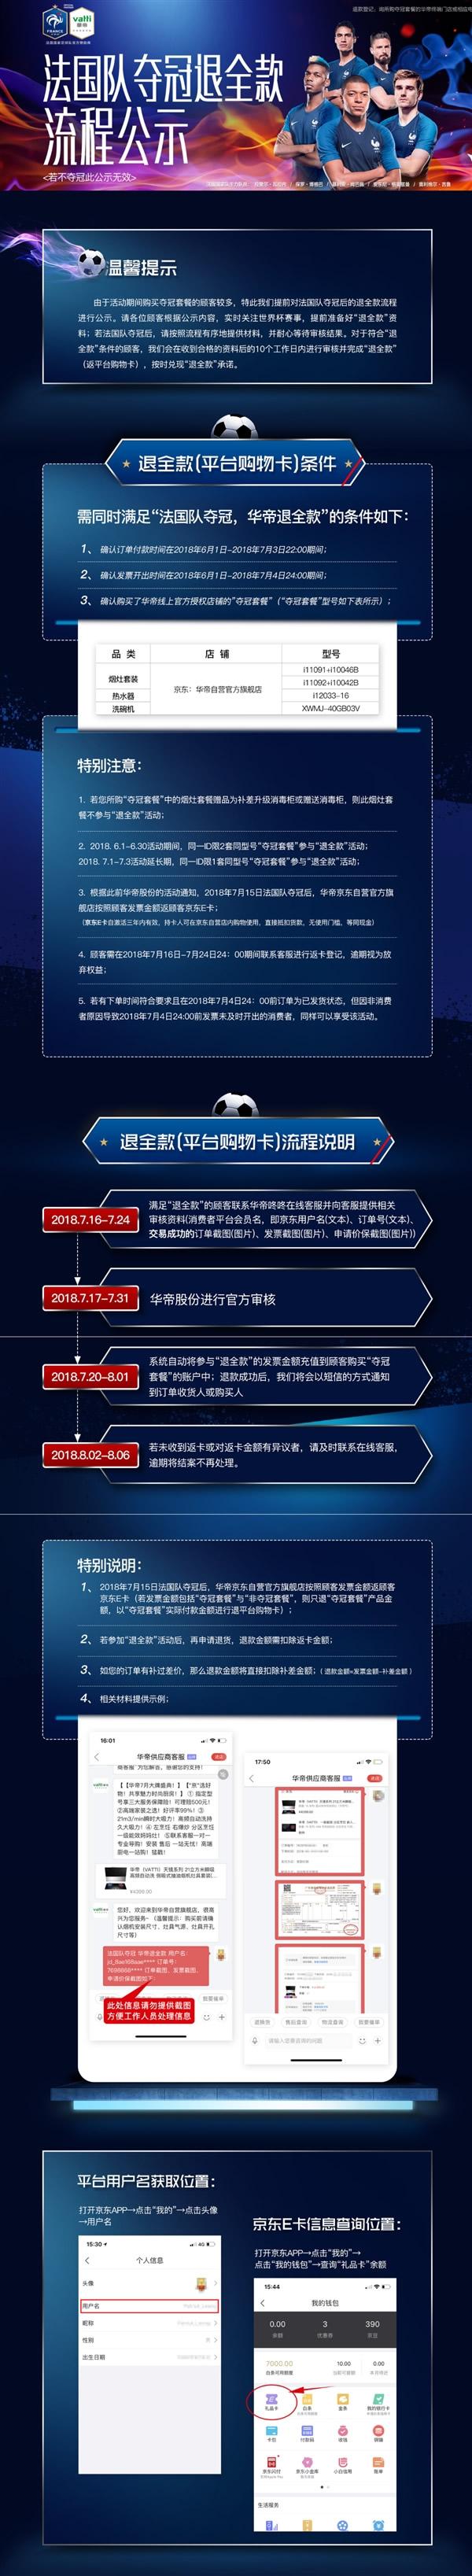 法国队真夺冠了,华帝兑现承诺启动退全款:营销期间卖了7900万元